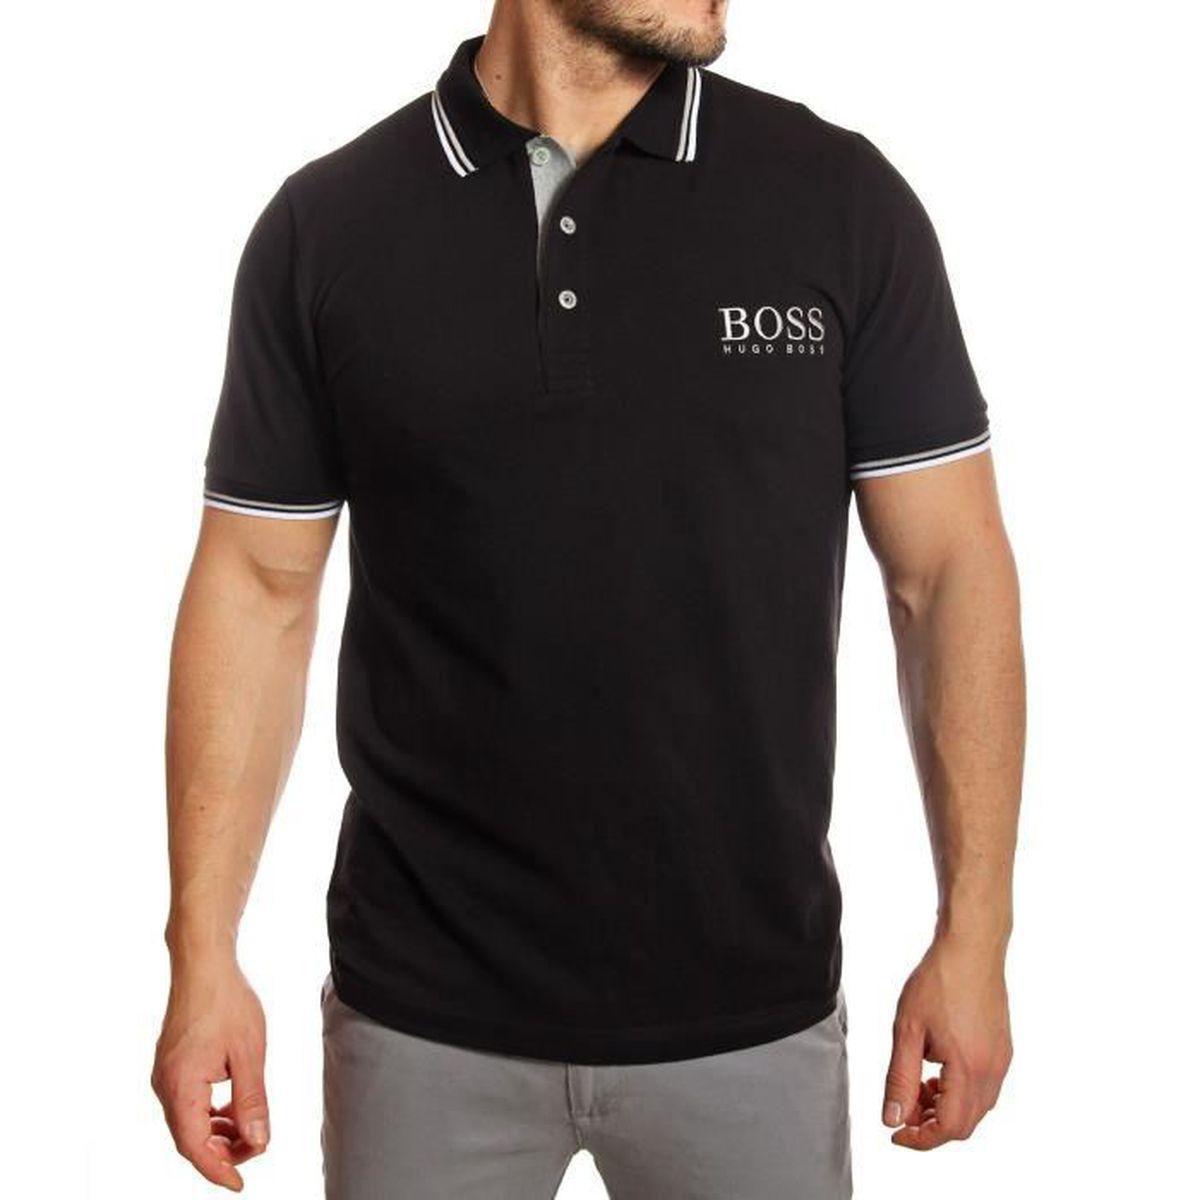 hugo boss polo homme noir en coton piqu manches courtes noir noir achat vente polo. Black Bedroom Furniture Sets. Home Design Ideas